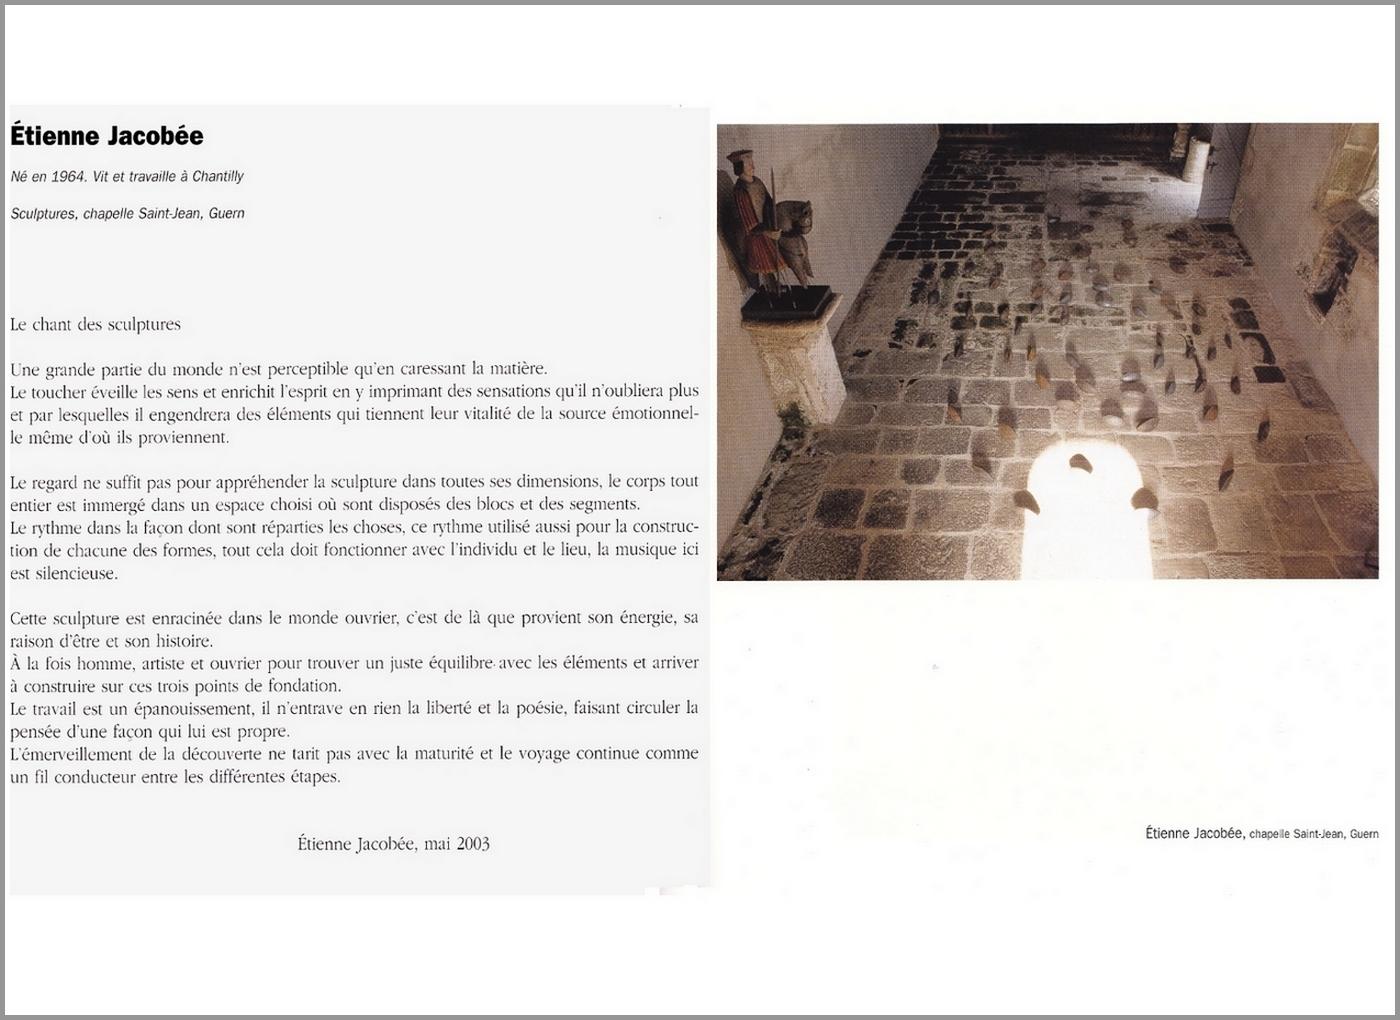 MONTAGE catalogue Artchapelle TAILLE 1280x1024px 72dpi texte et image page2 - Copie